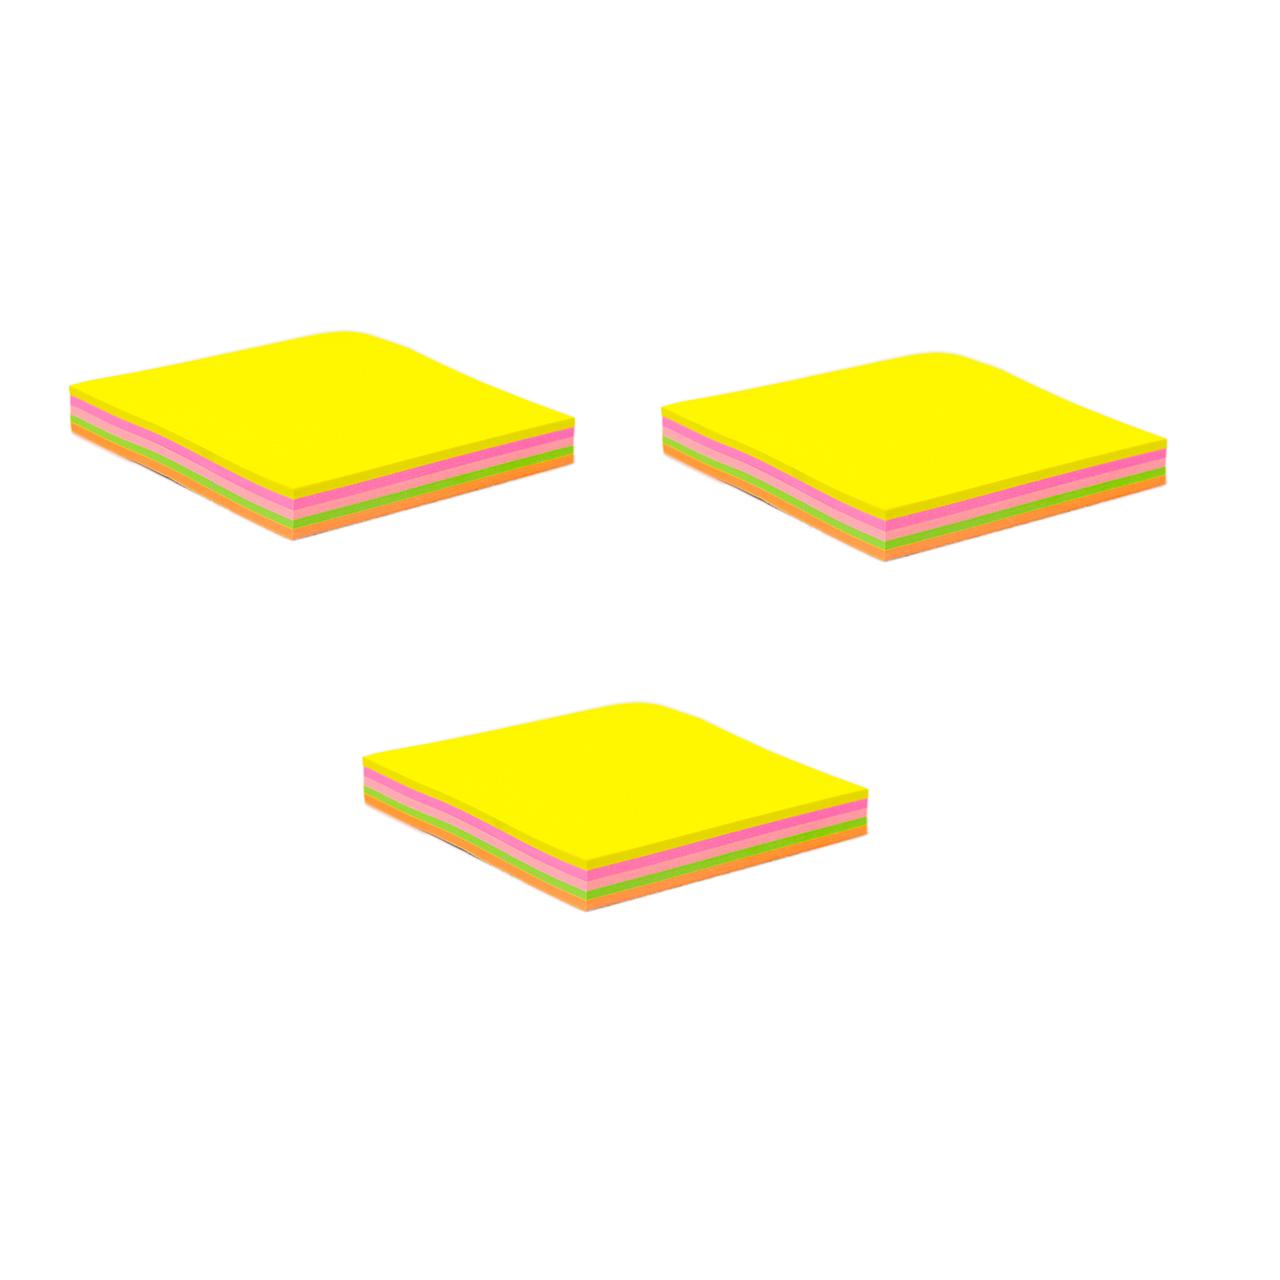 کاغذ یادداشت چسب دار فنس کد FA9202  سه بسته 100 برگی